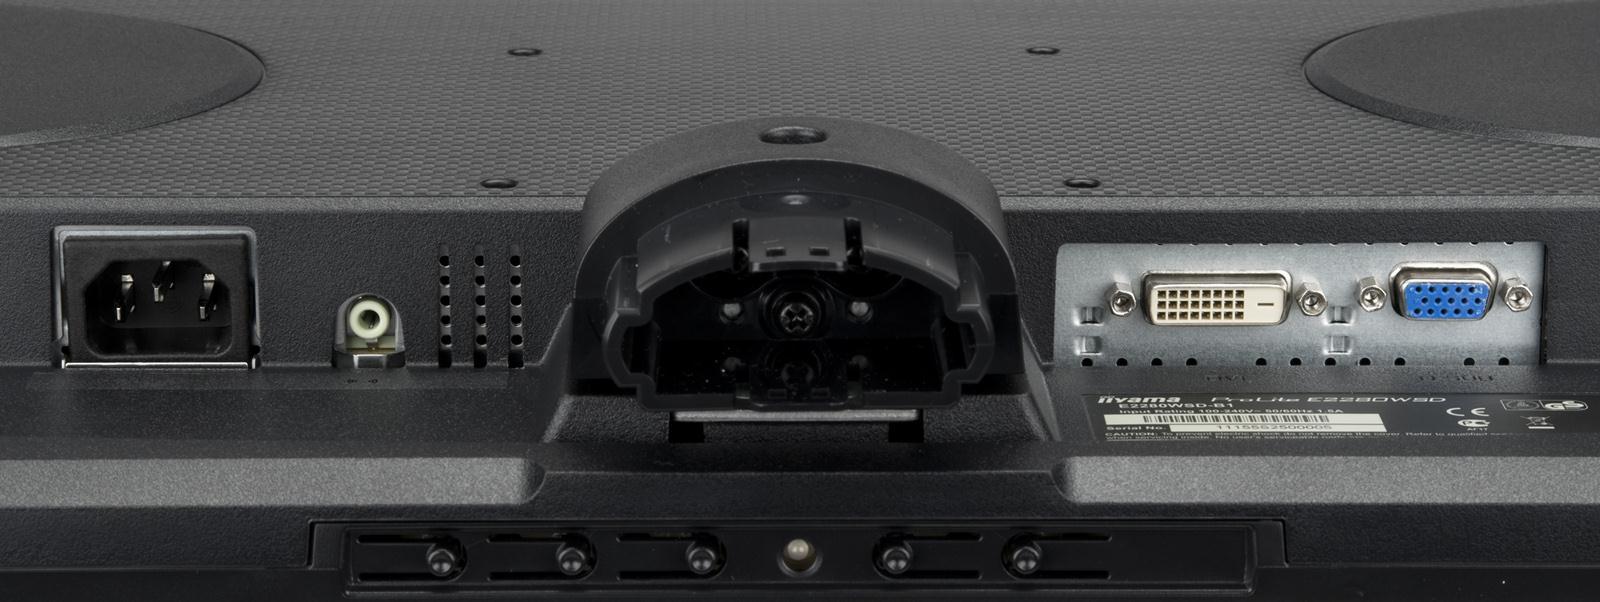 E2280WSD B1 EPUB